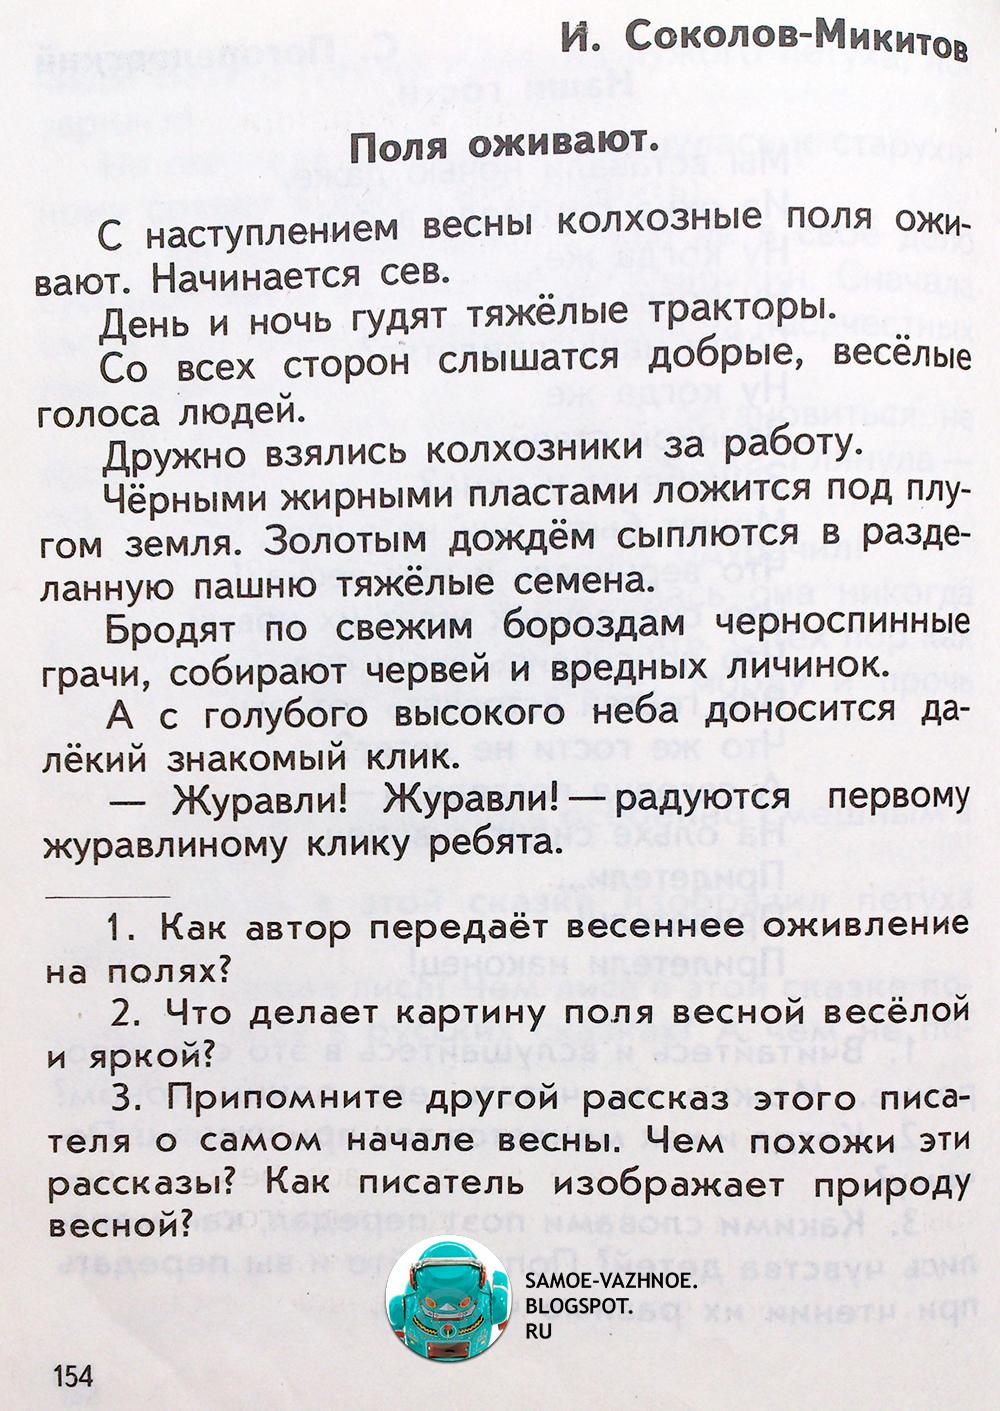 Соколов-Микитов Поля оживают